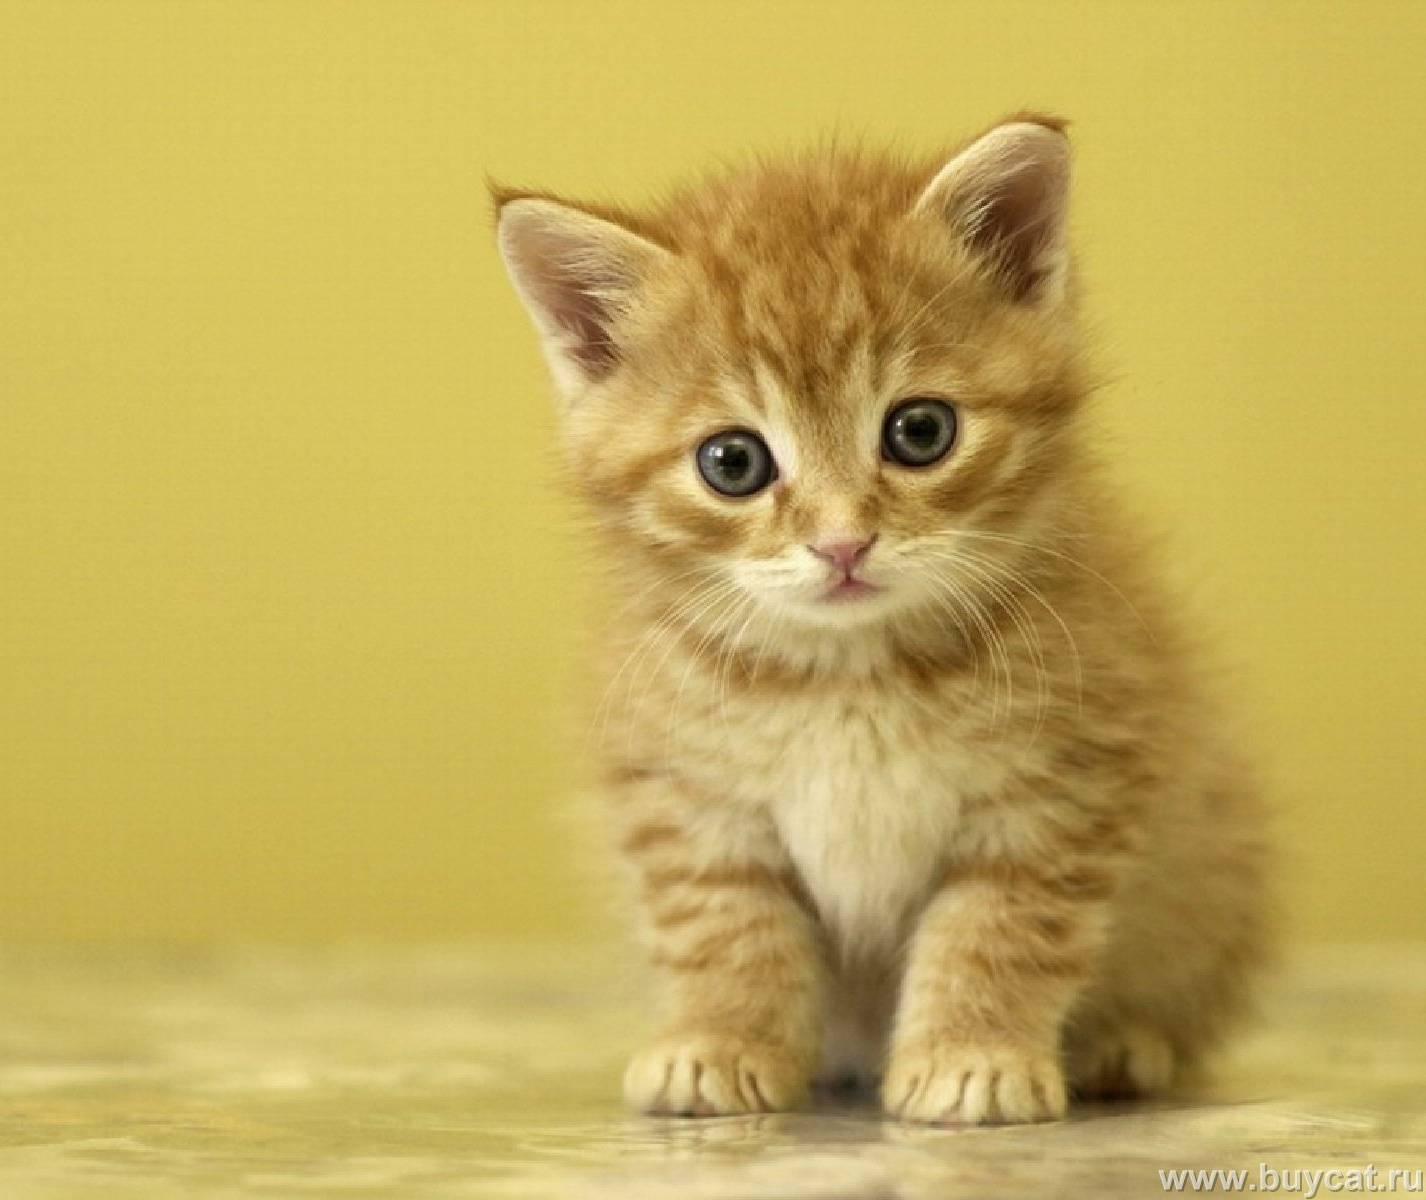 Wow Cute Cat